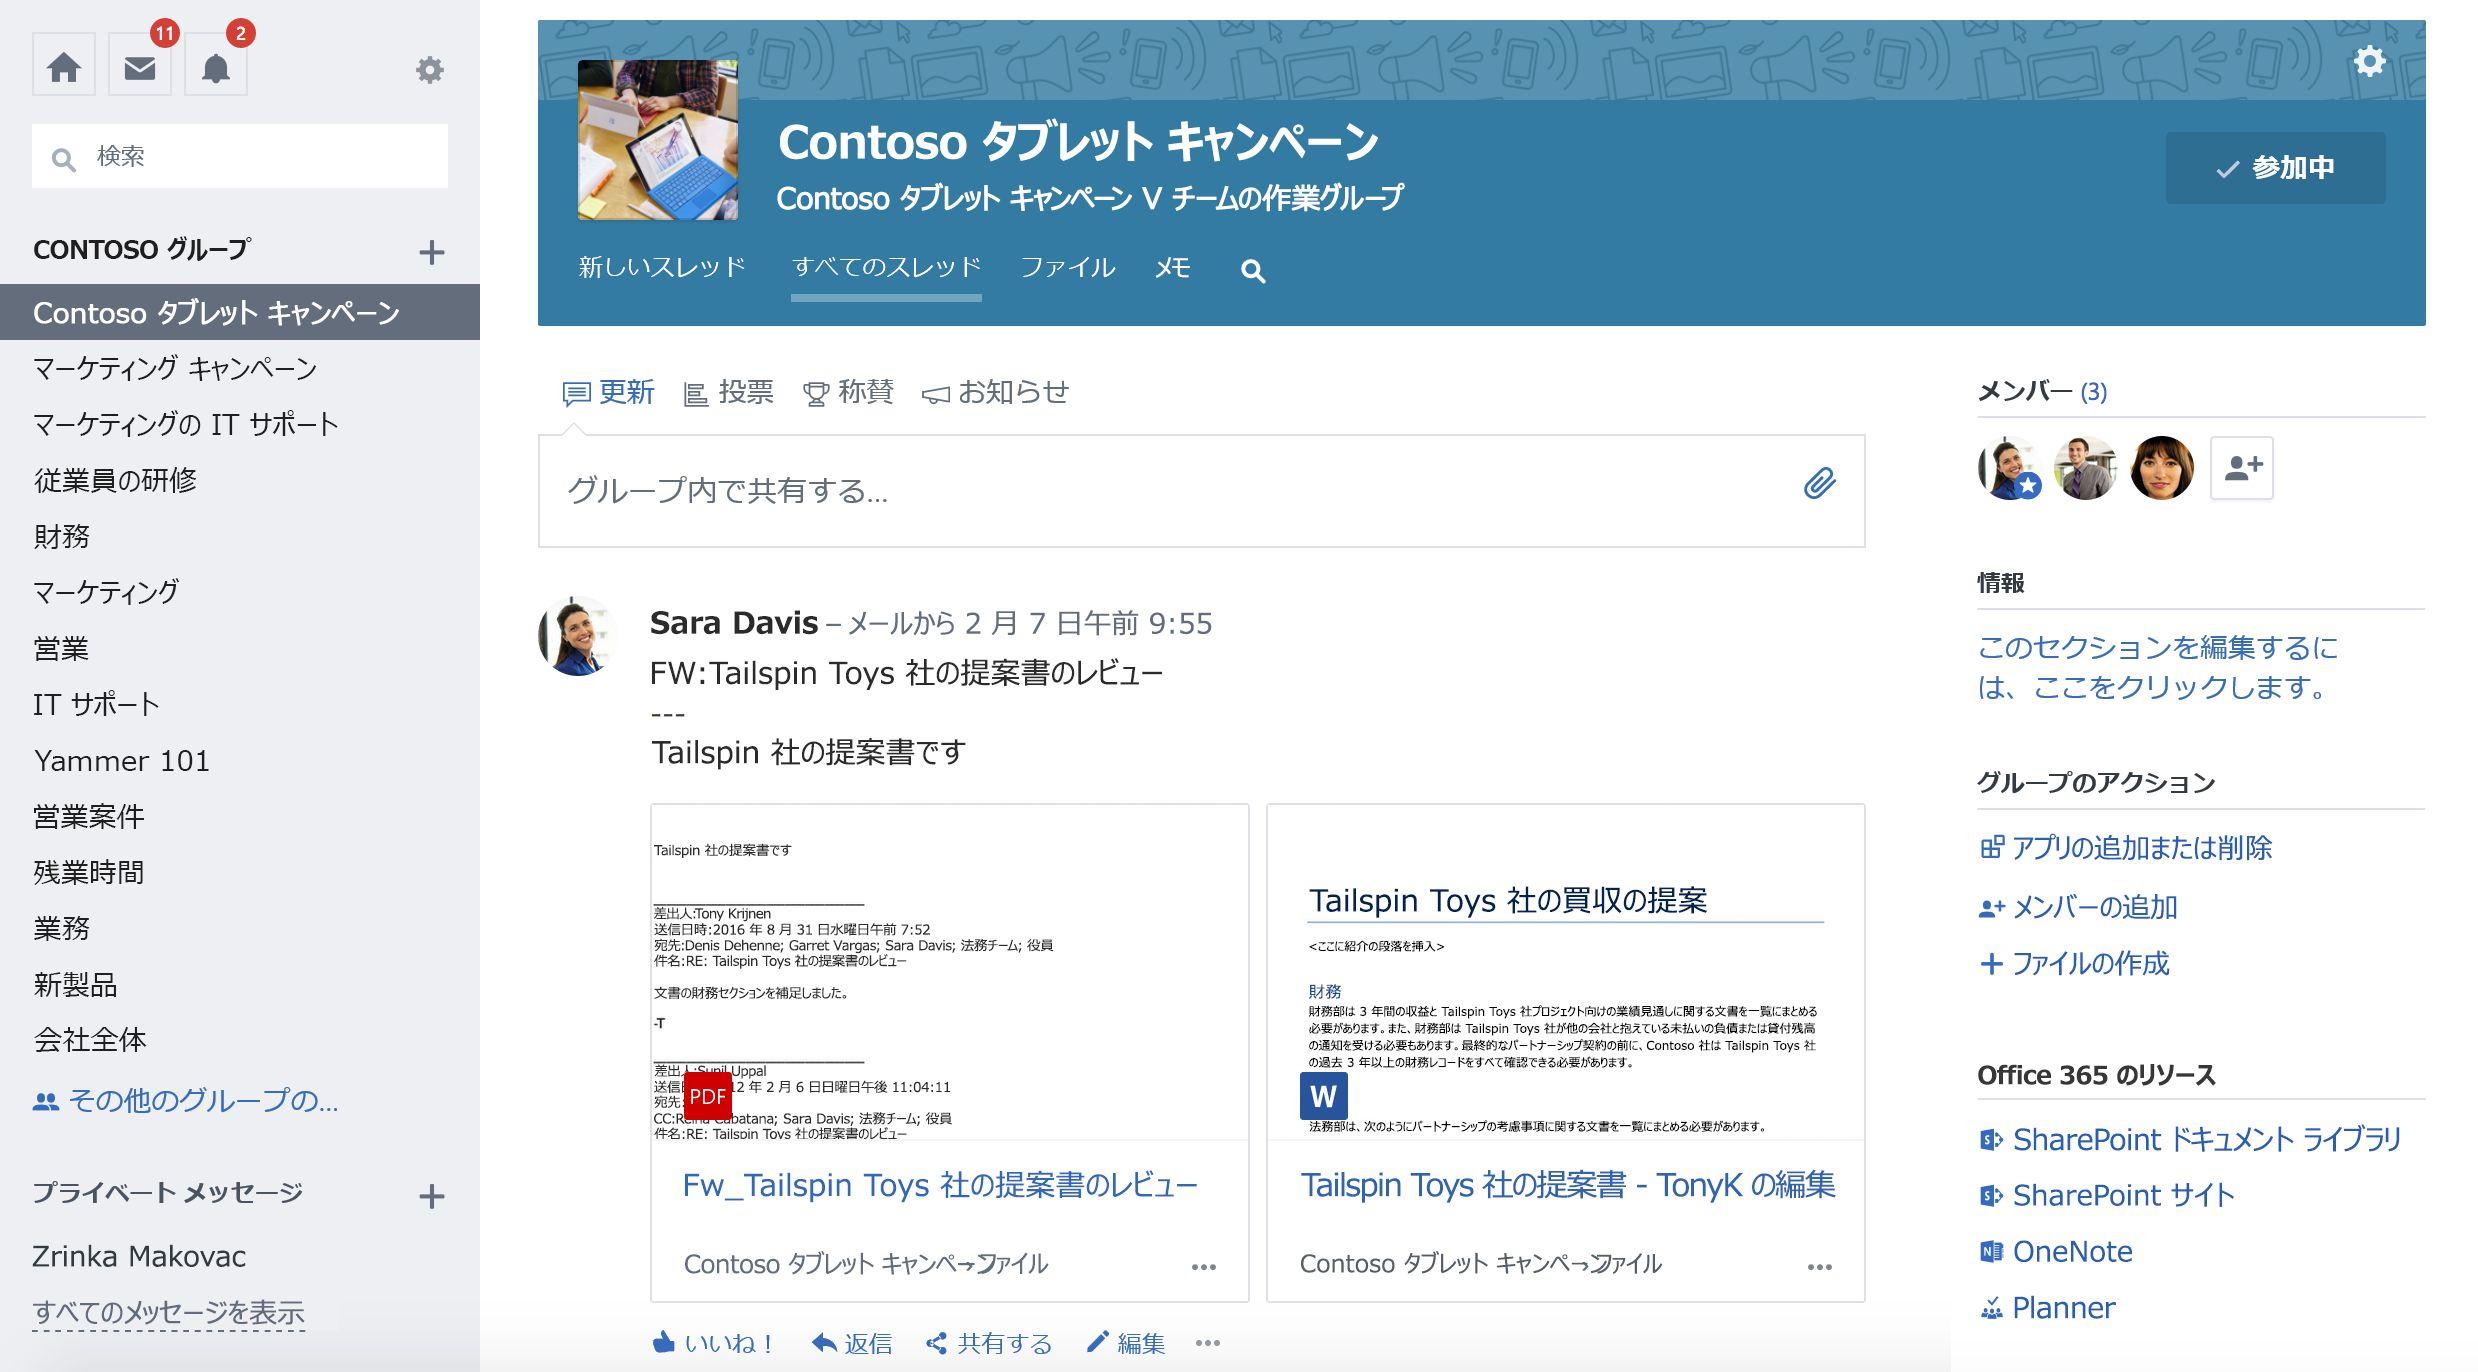 Office 365 に接続された Yammer グループの会話のスクリーンショット